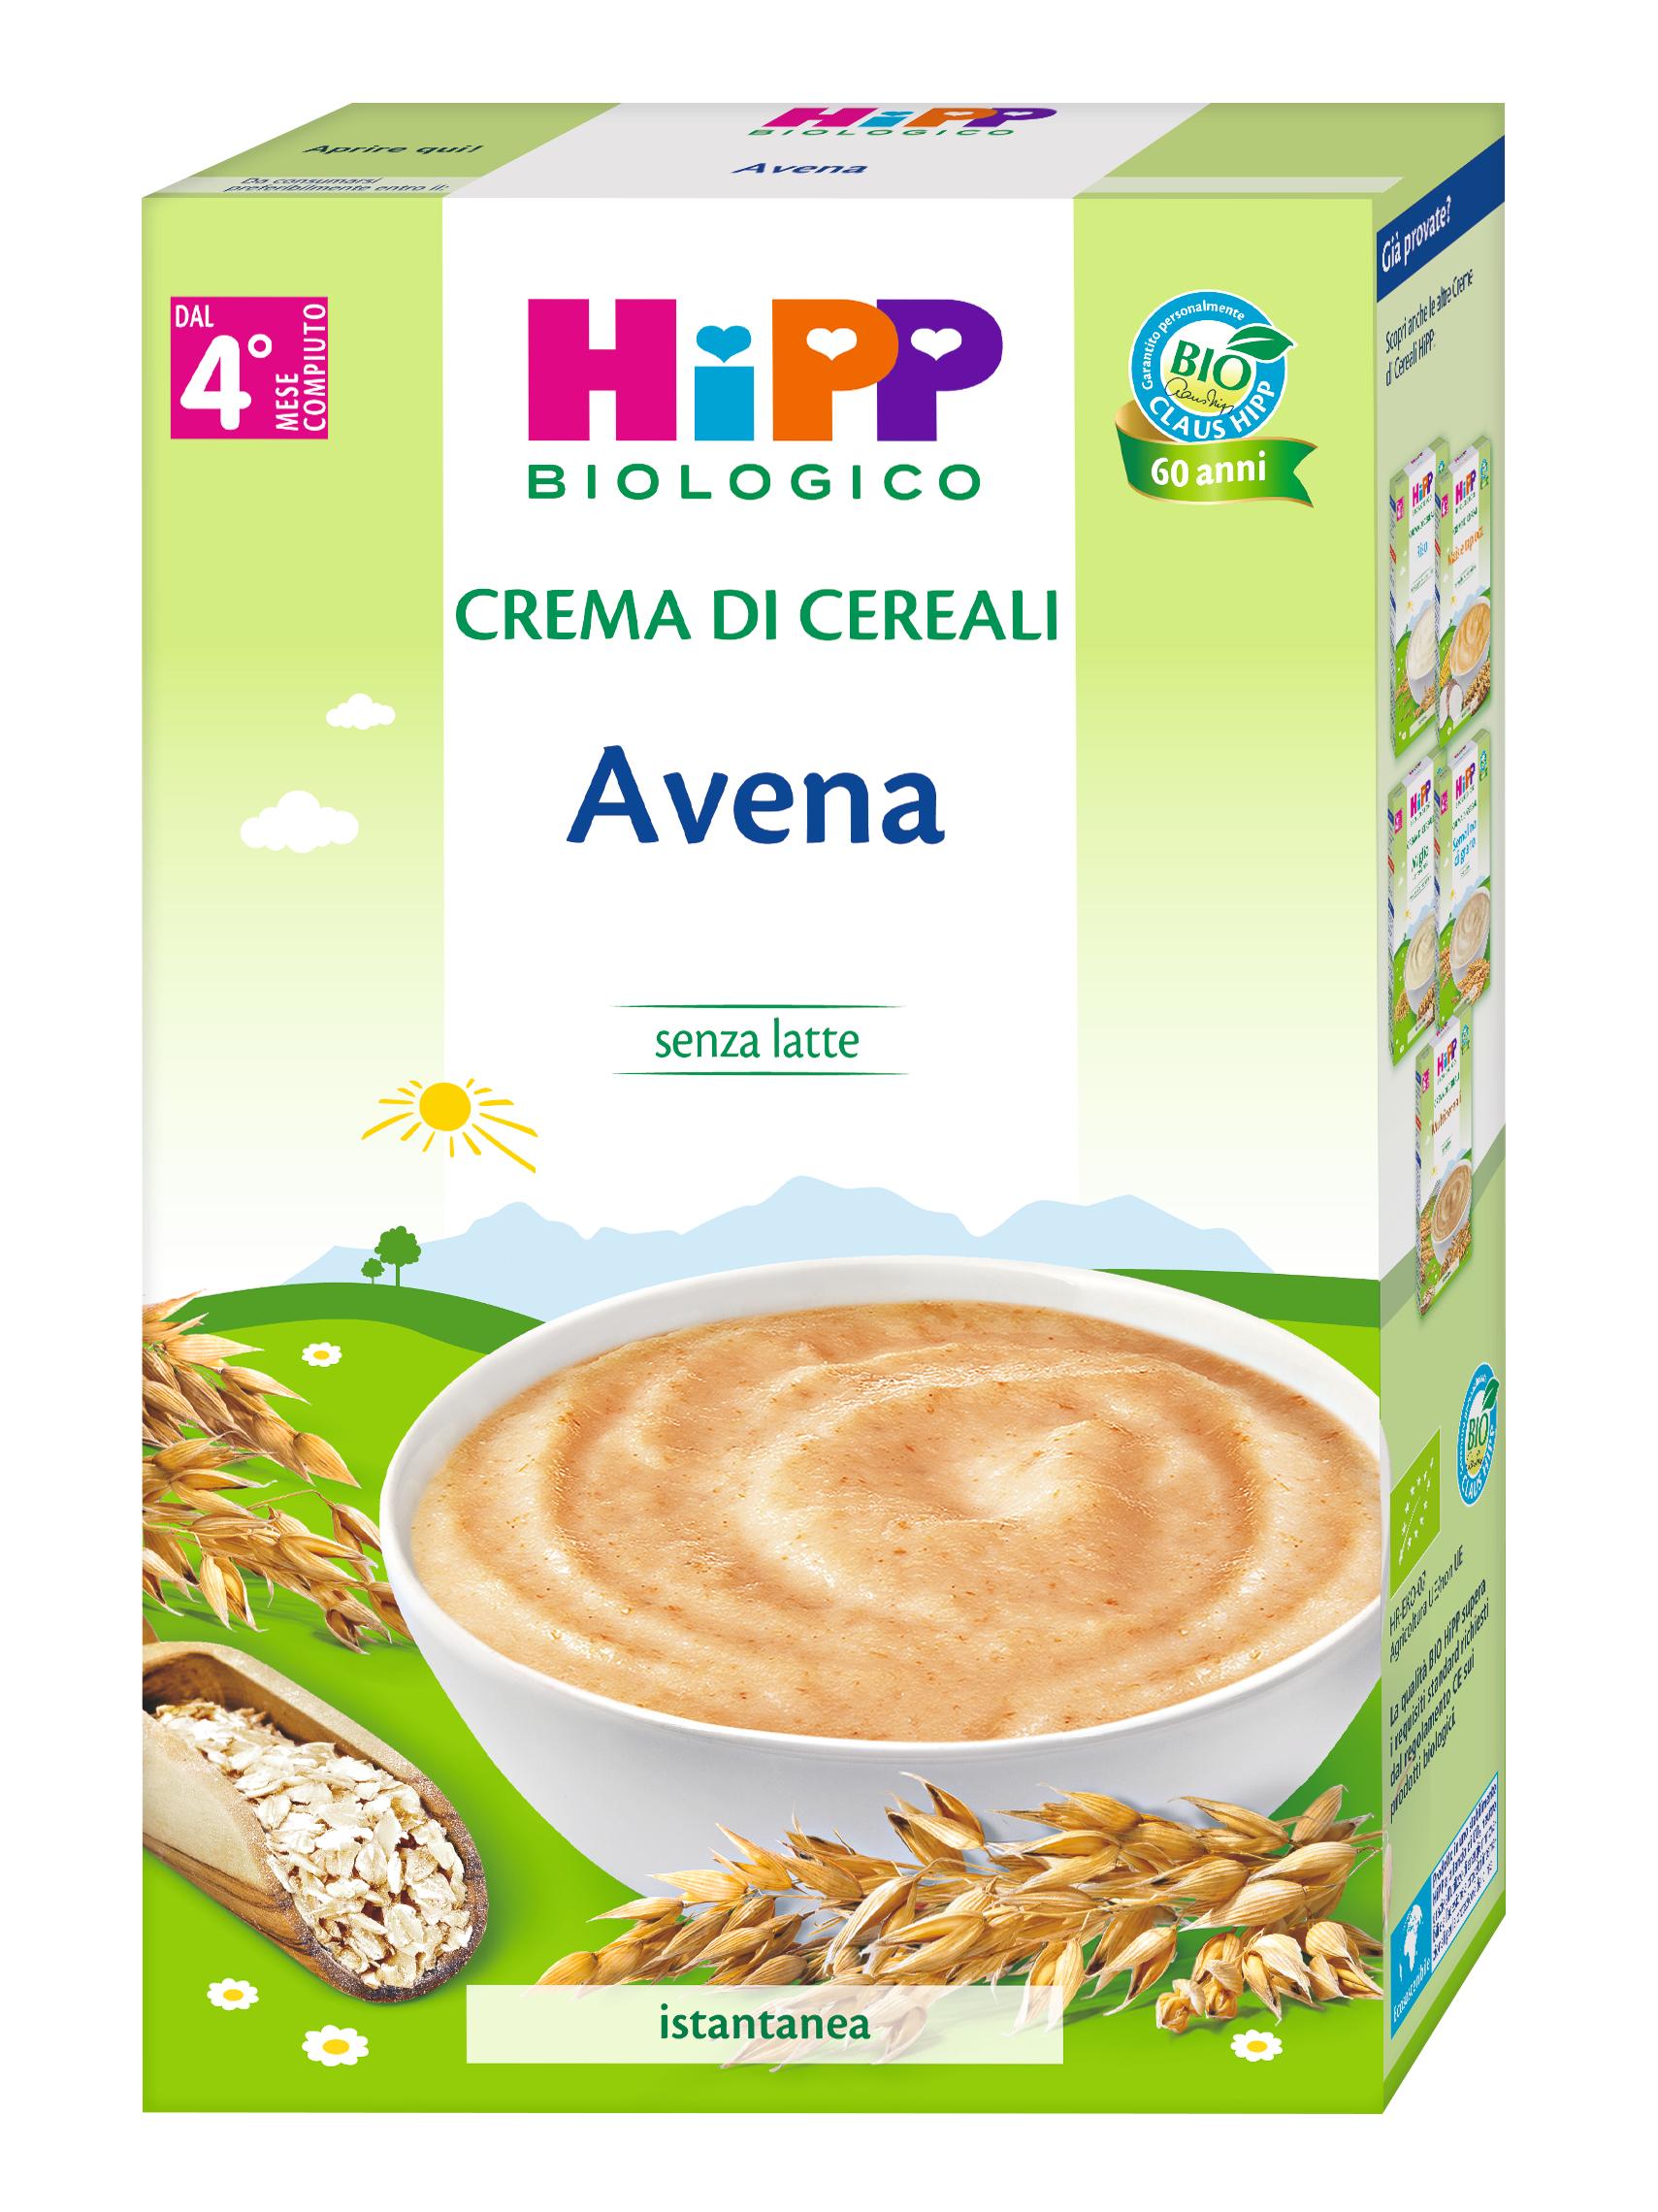 CREMA DI CEREALI AVENA HIPP G200